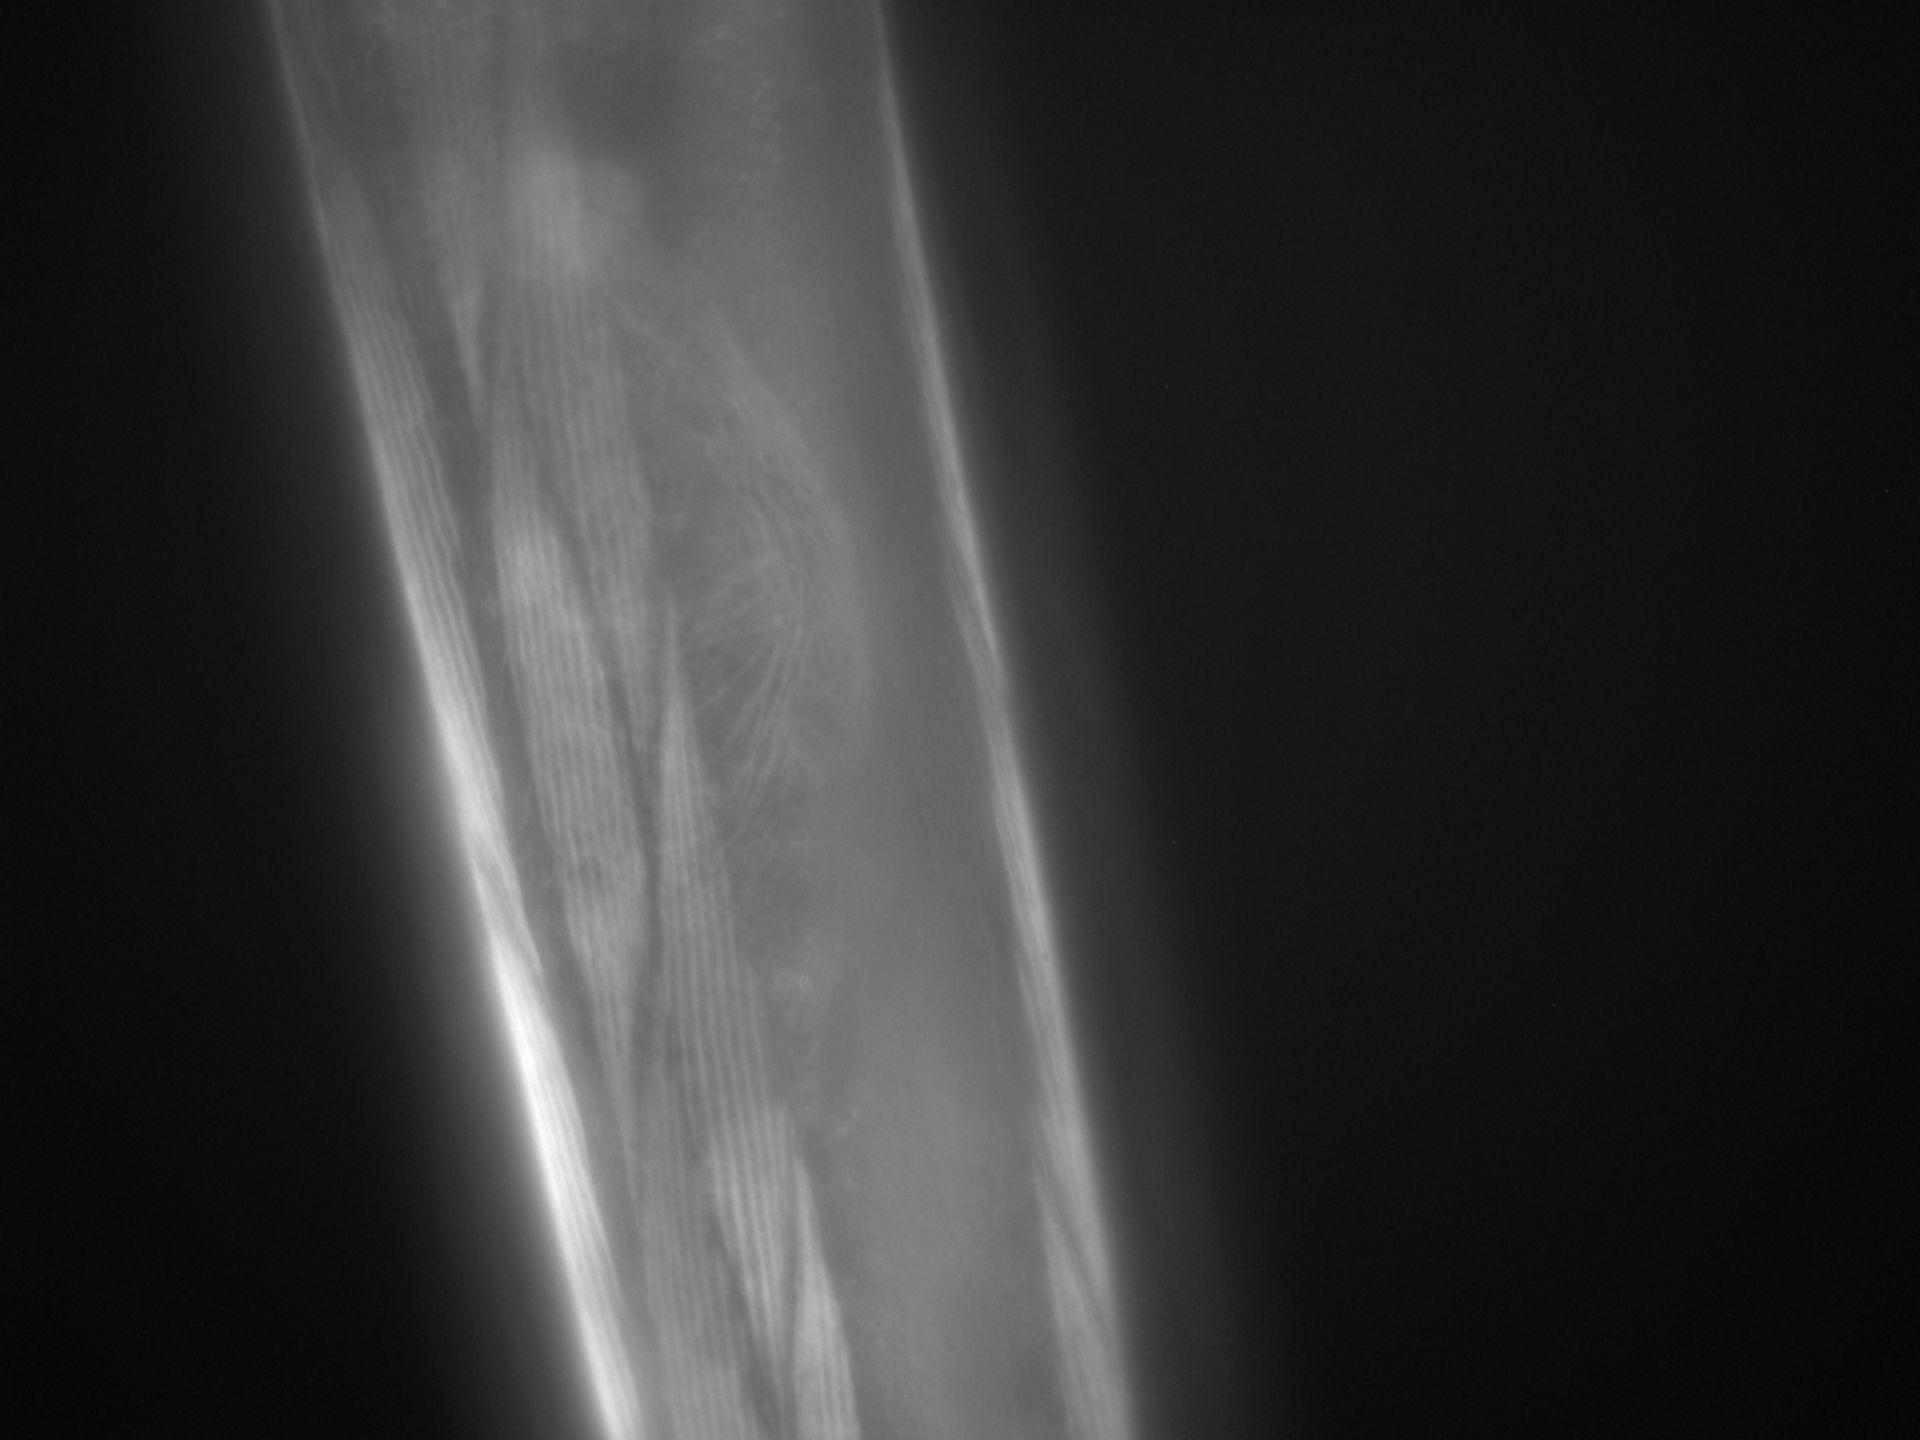 Caenorhabditis elegans (Actin filament) - CIL:1265